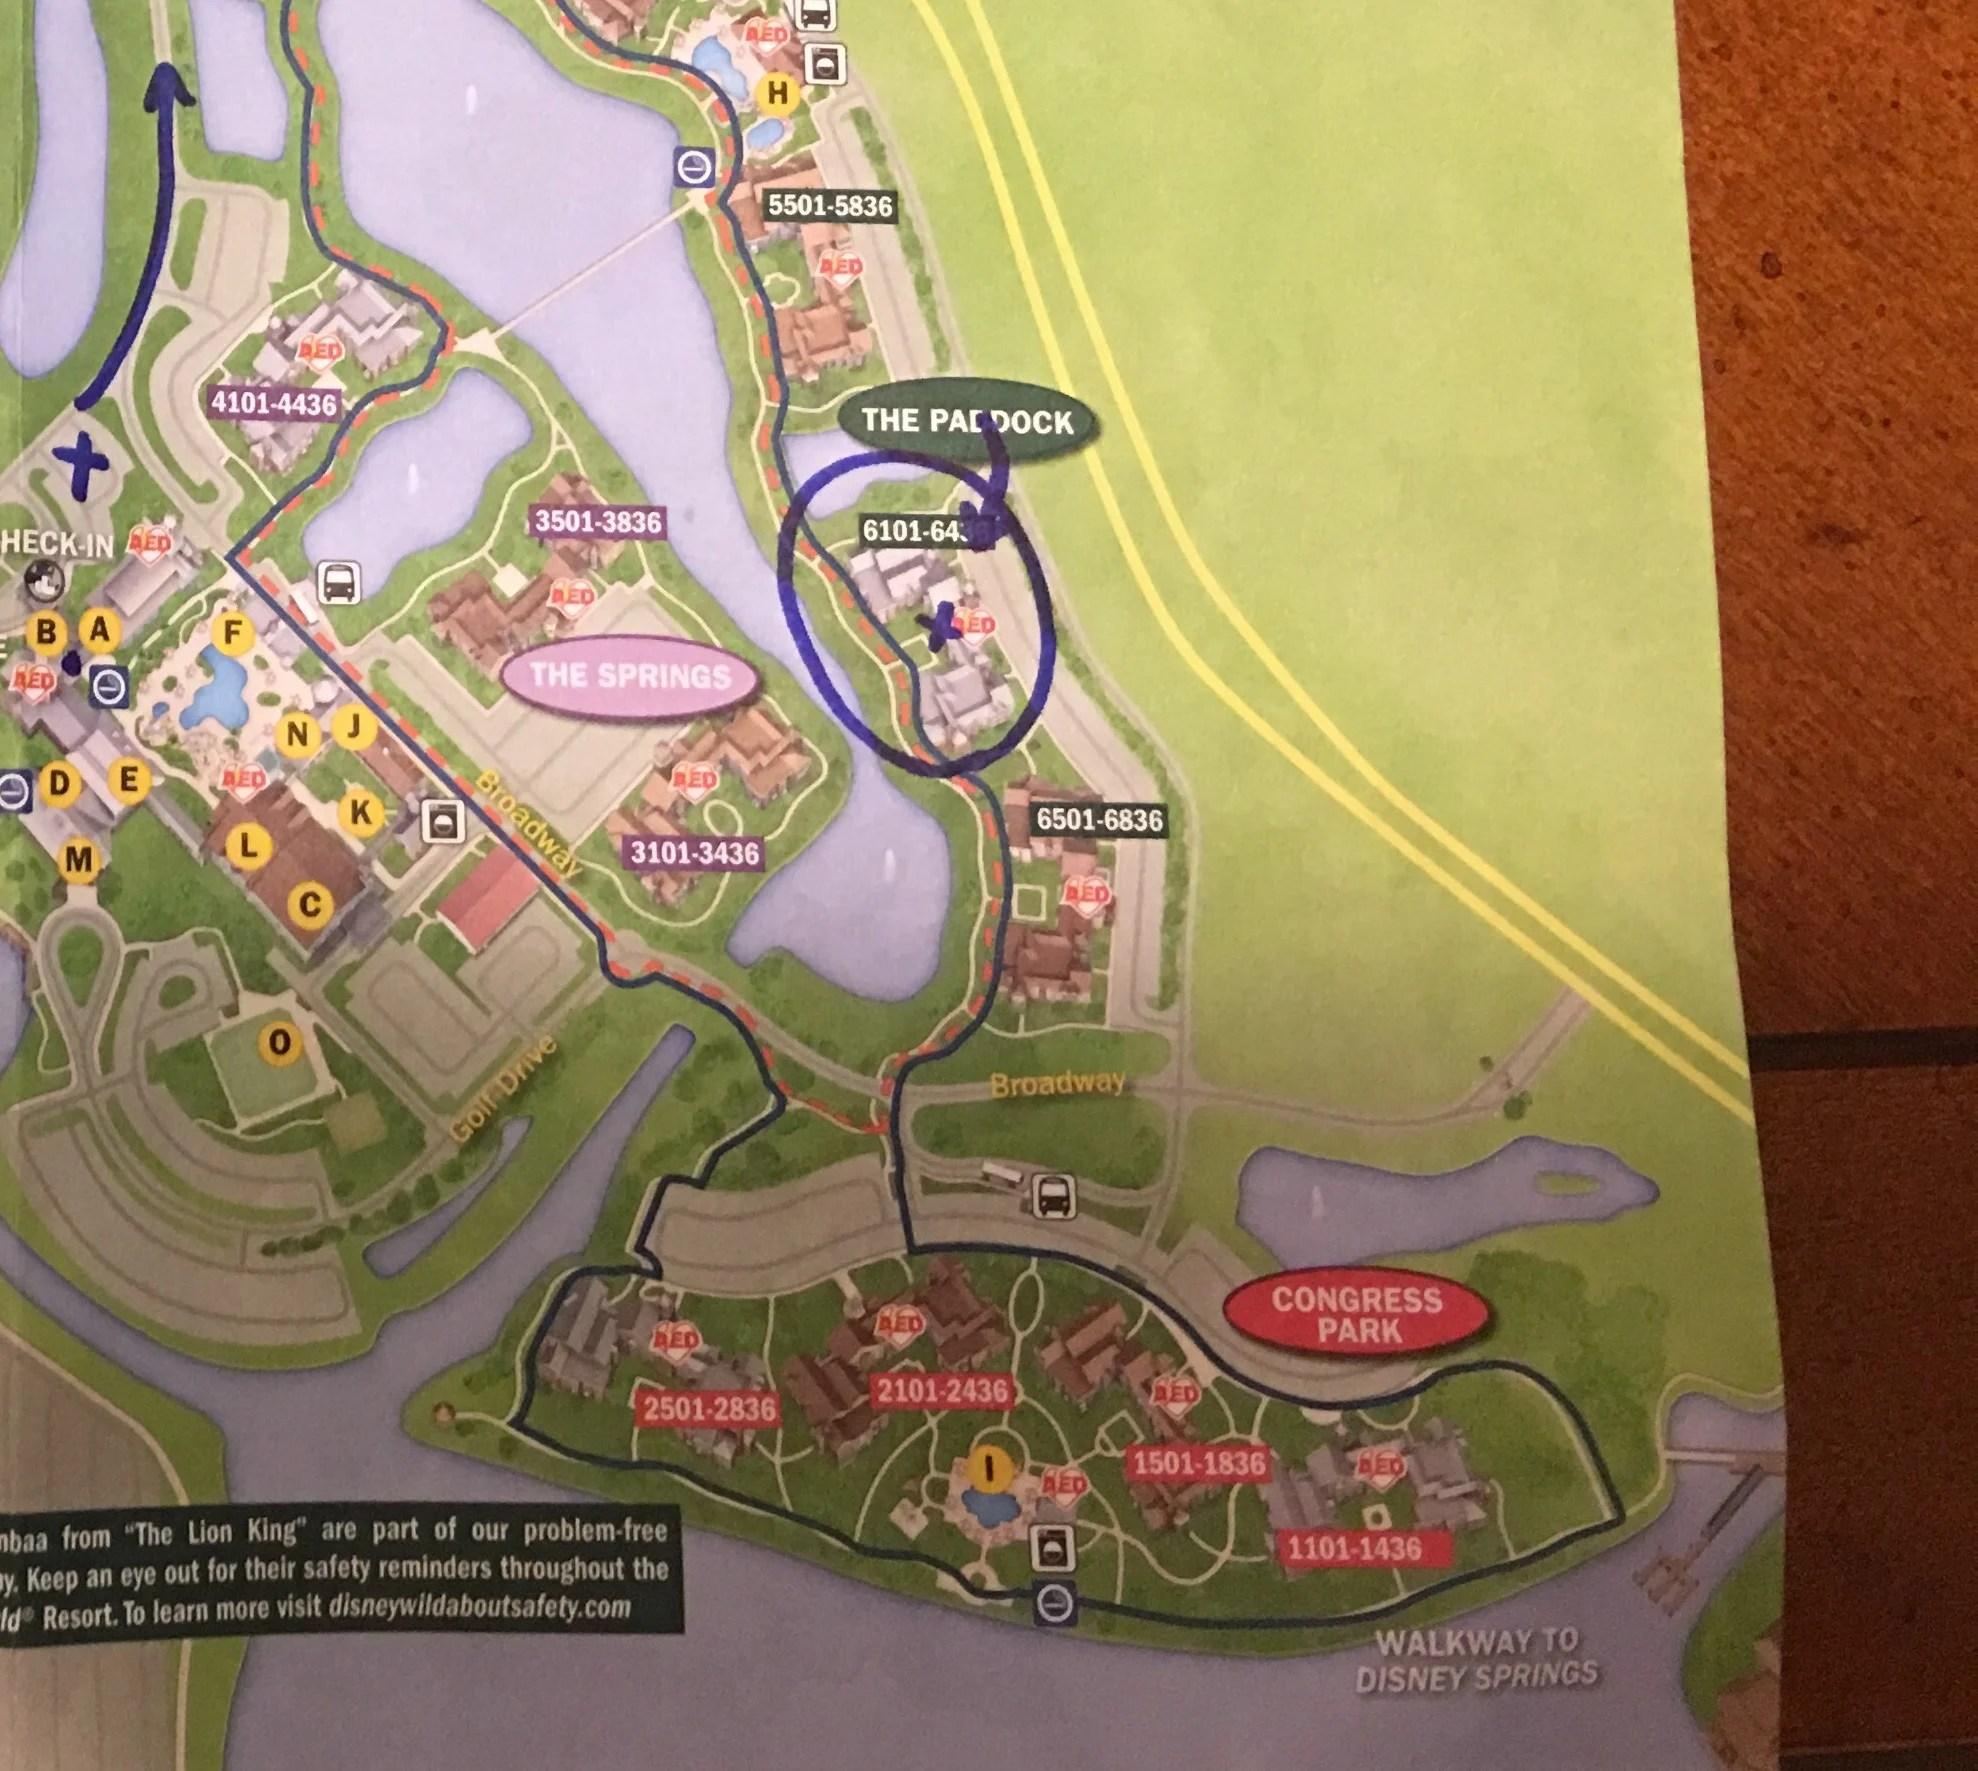 Saratoga Springs  map  paddock  Dvc  disney Springs  paddock pool. Disney Vacation Club  Saratoga Springs Resort Review